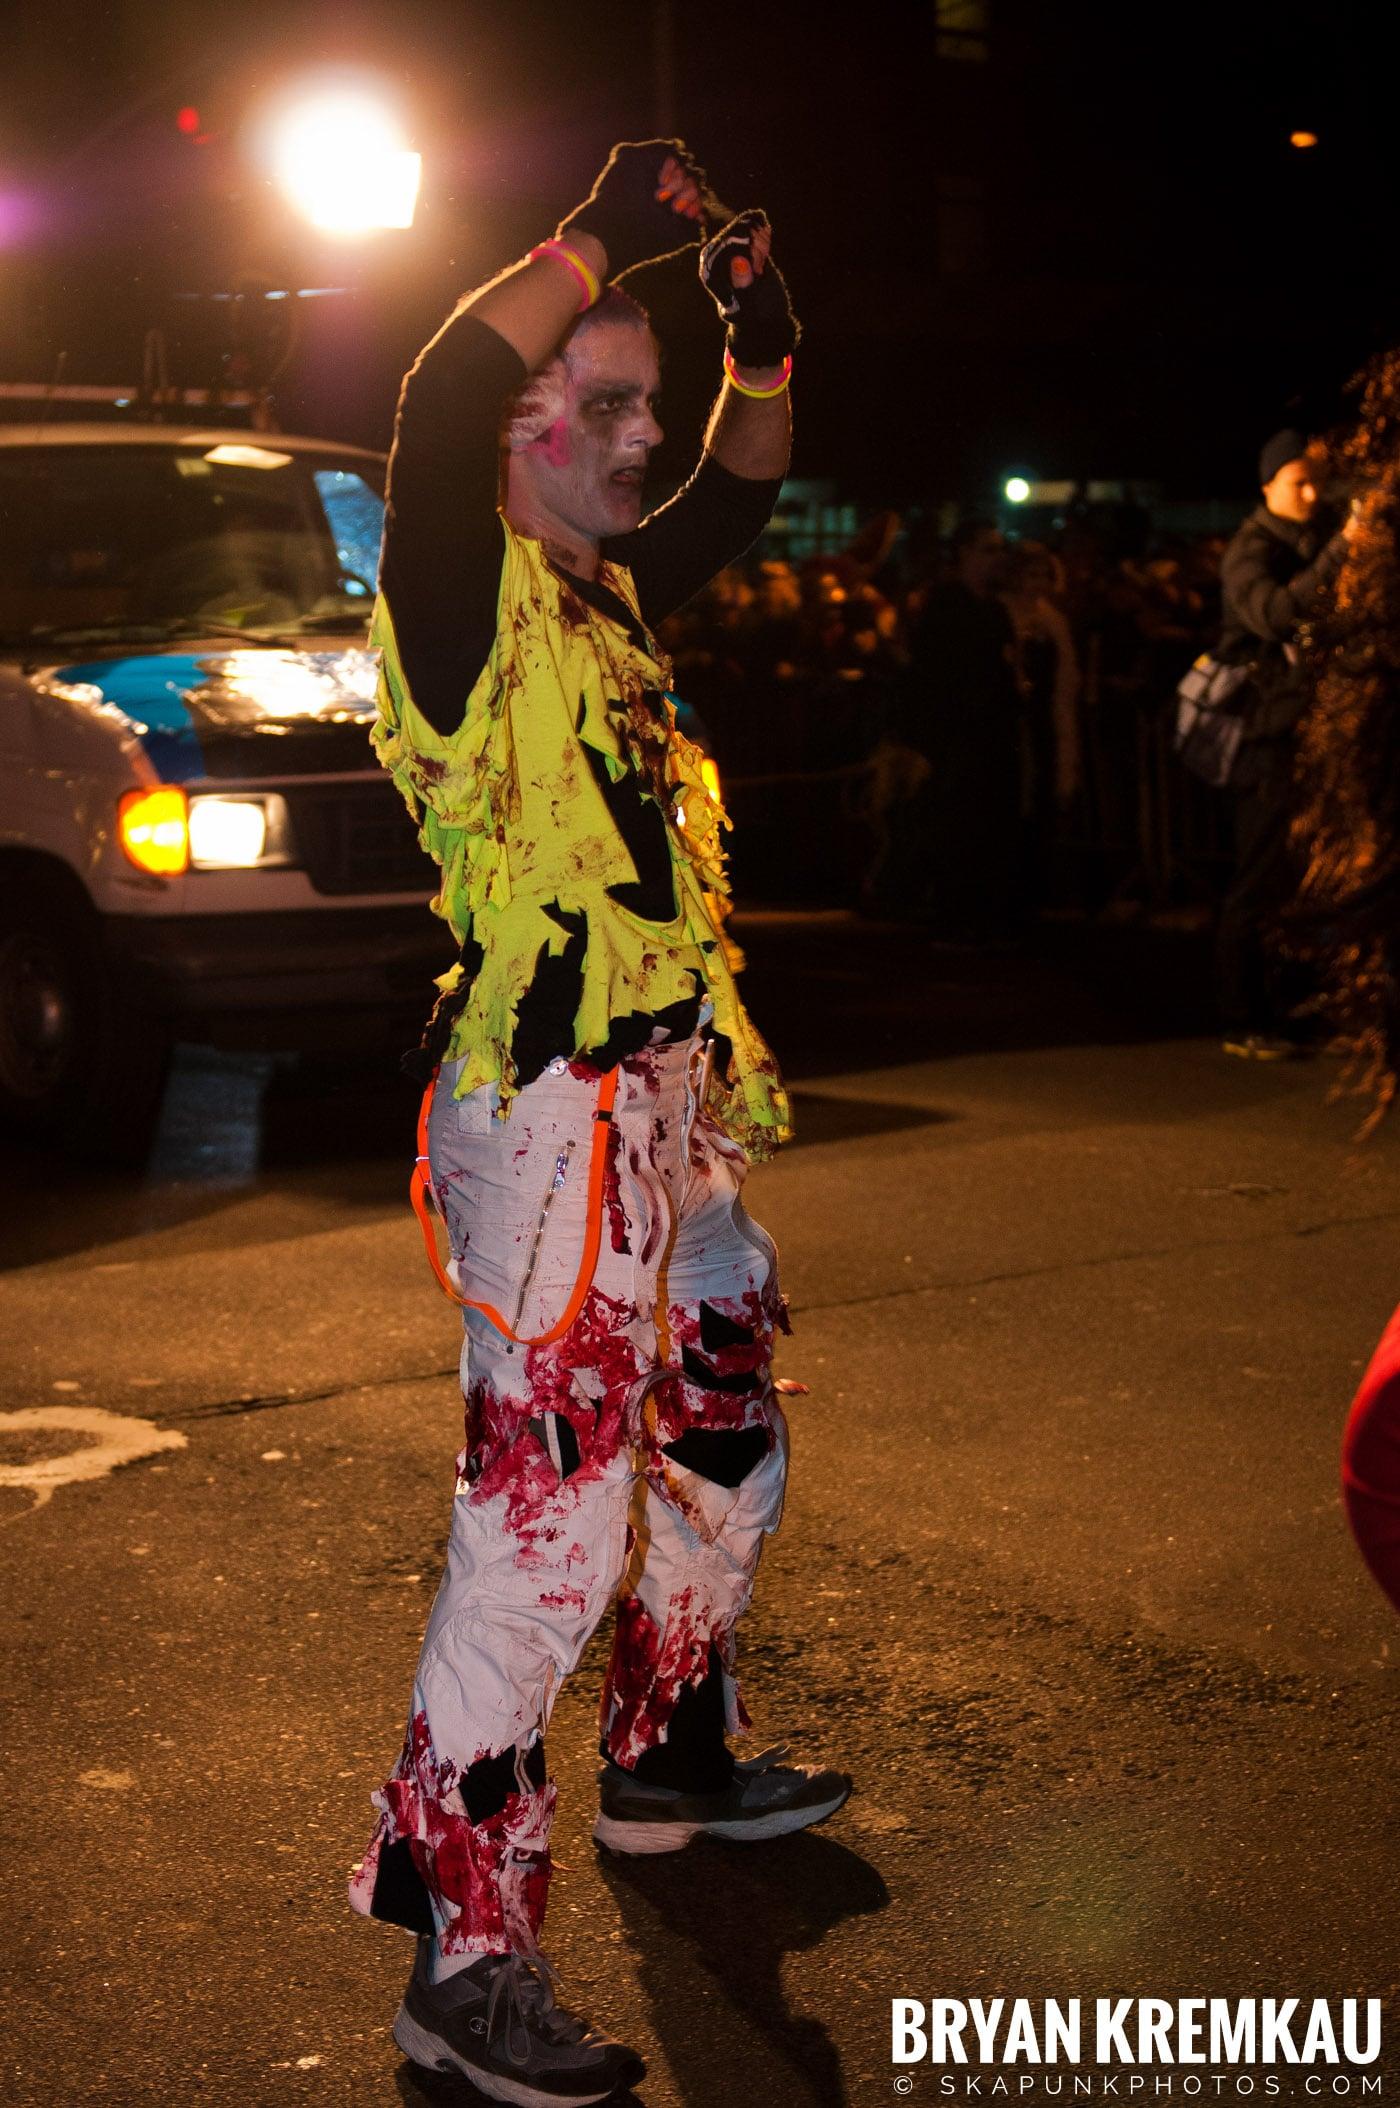 NYC Halloween Parade 2011 @ New York, NY - 10.31.11 (69)